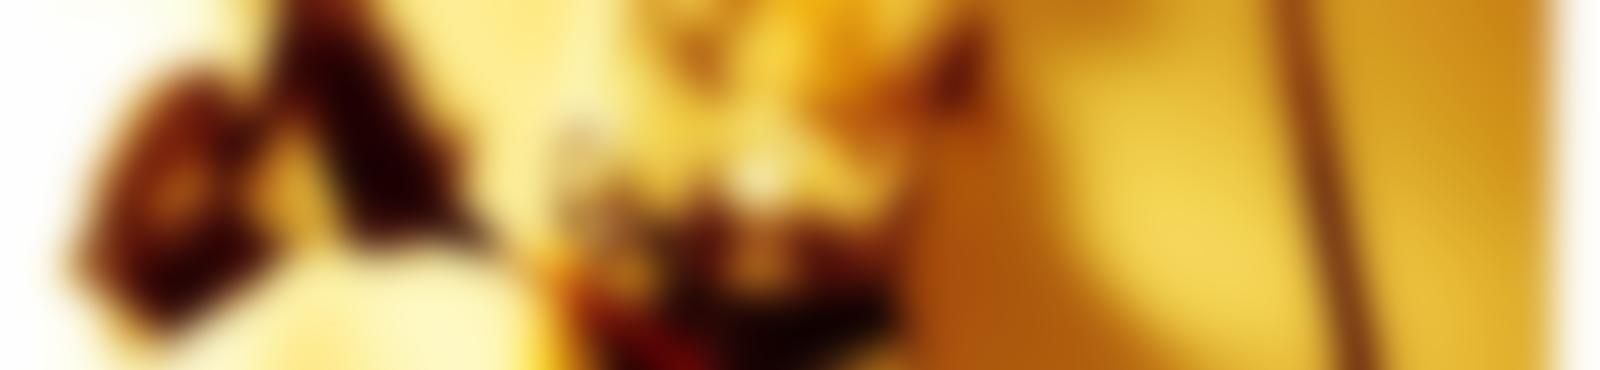 Blurred cebb6719 14af 4152 8df1 6e2dda354bbb